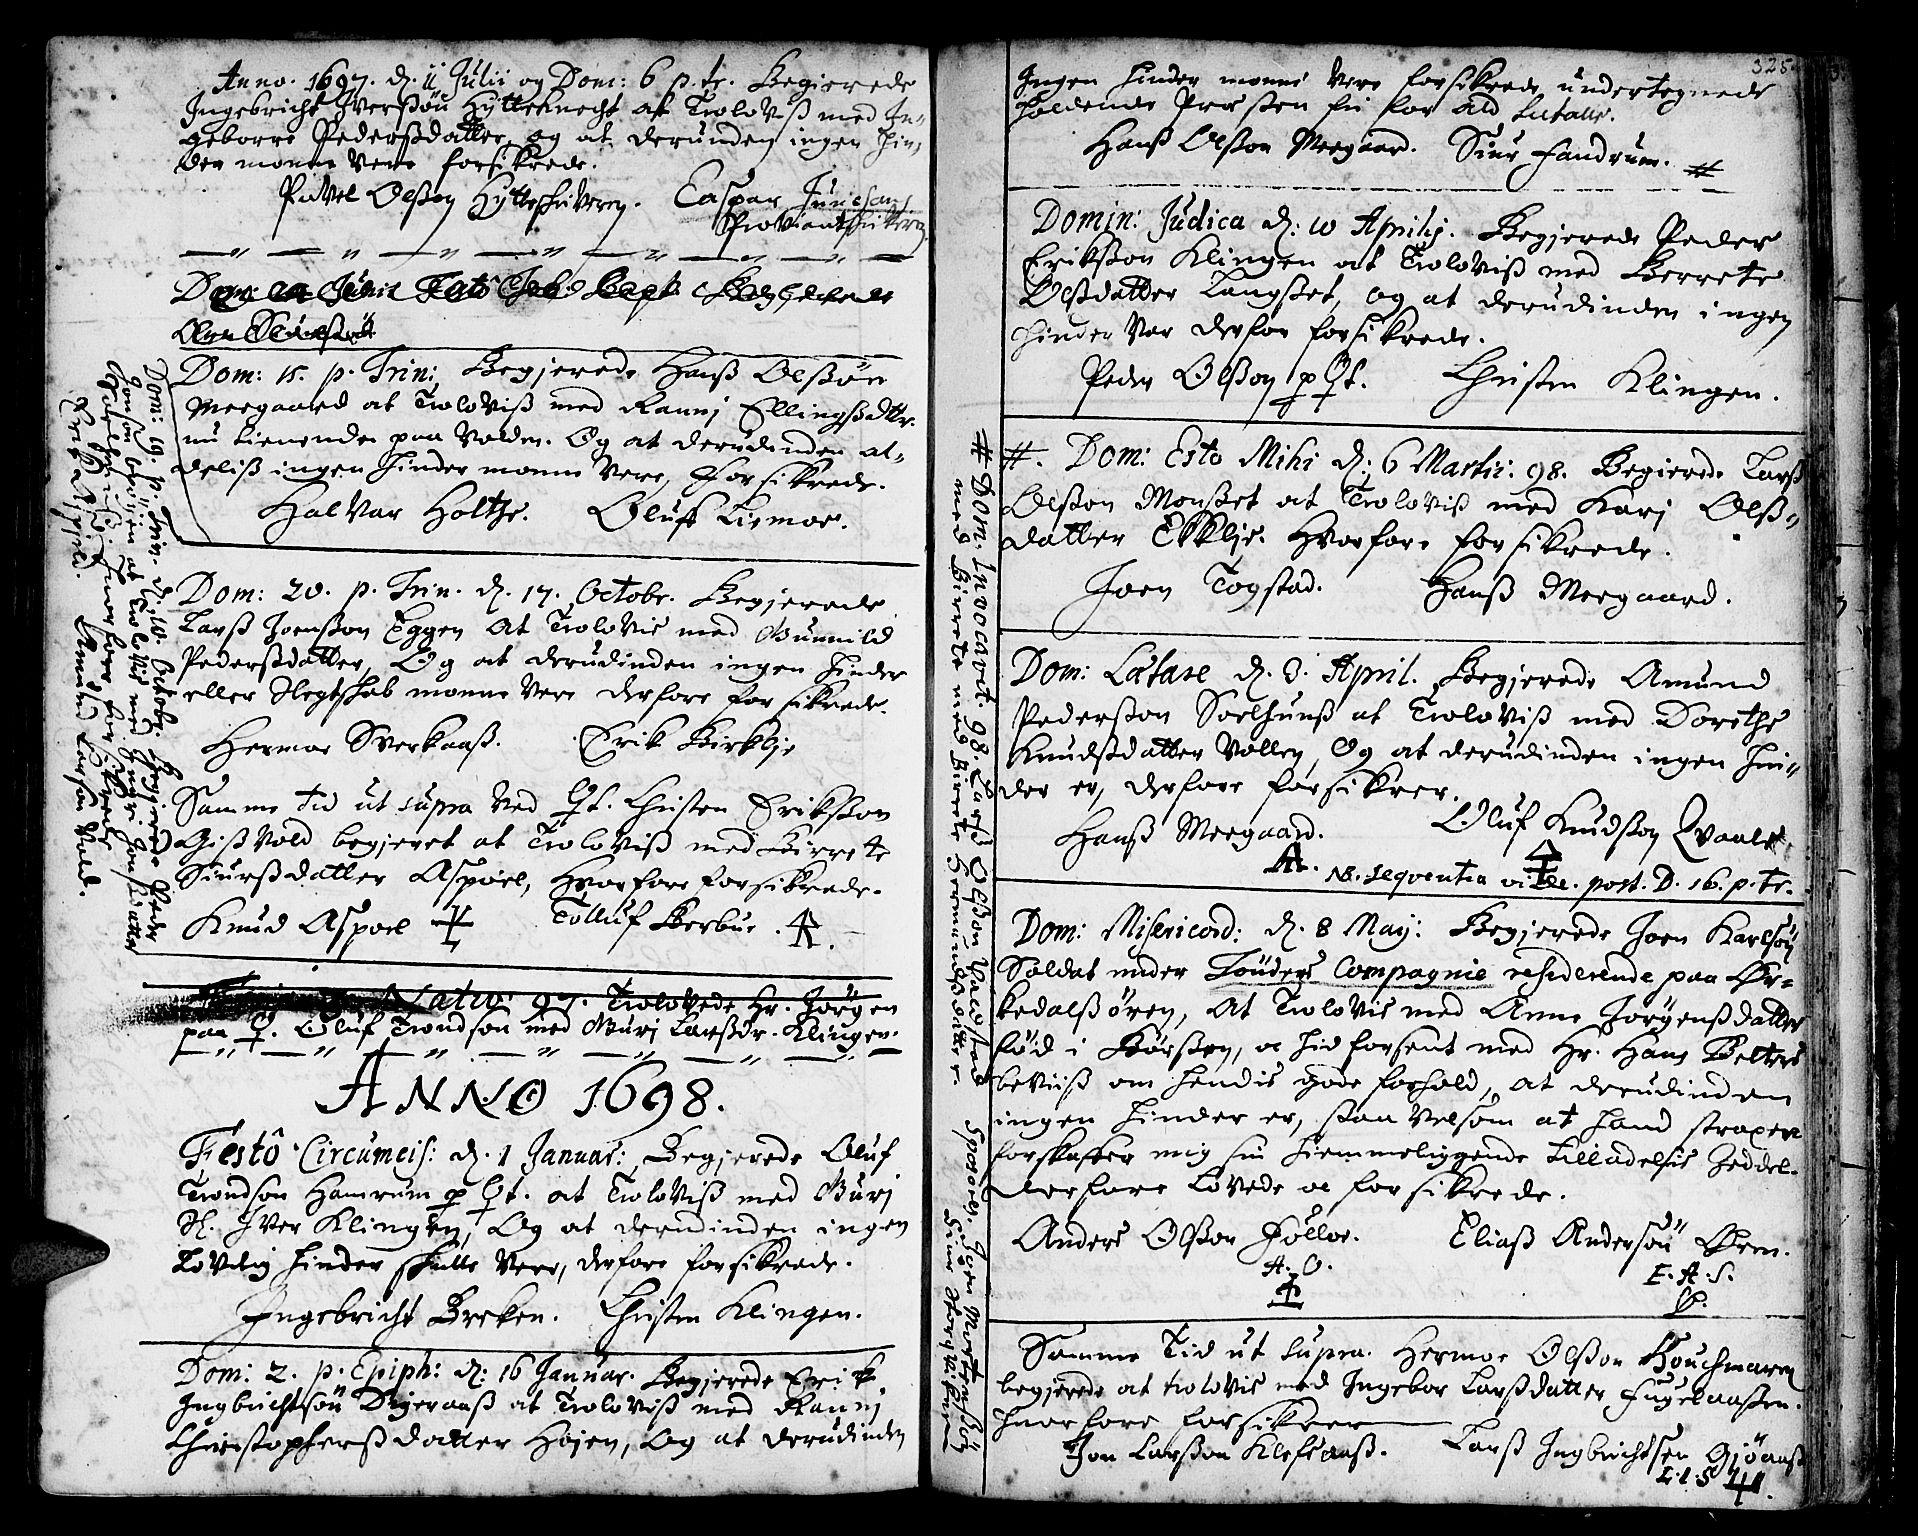 SAT, Ministerialprotokoller, klokkerbøker og fødselsregistre - Sør-Trøndelag, 668/L0801: Ministerialbok nr. 668A01, 1695-1716, s. 324-325